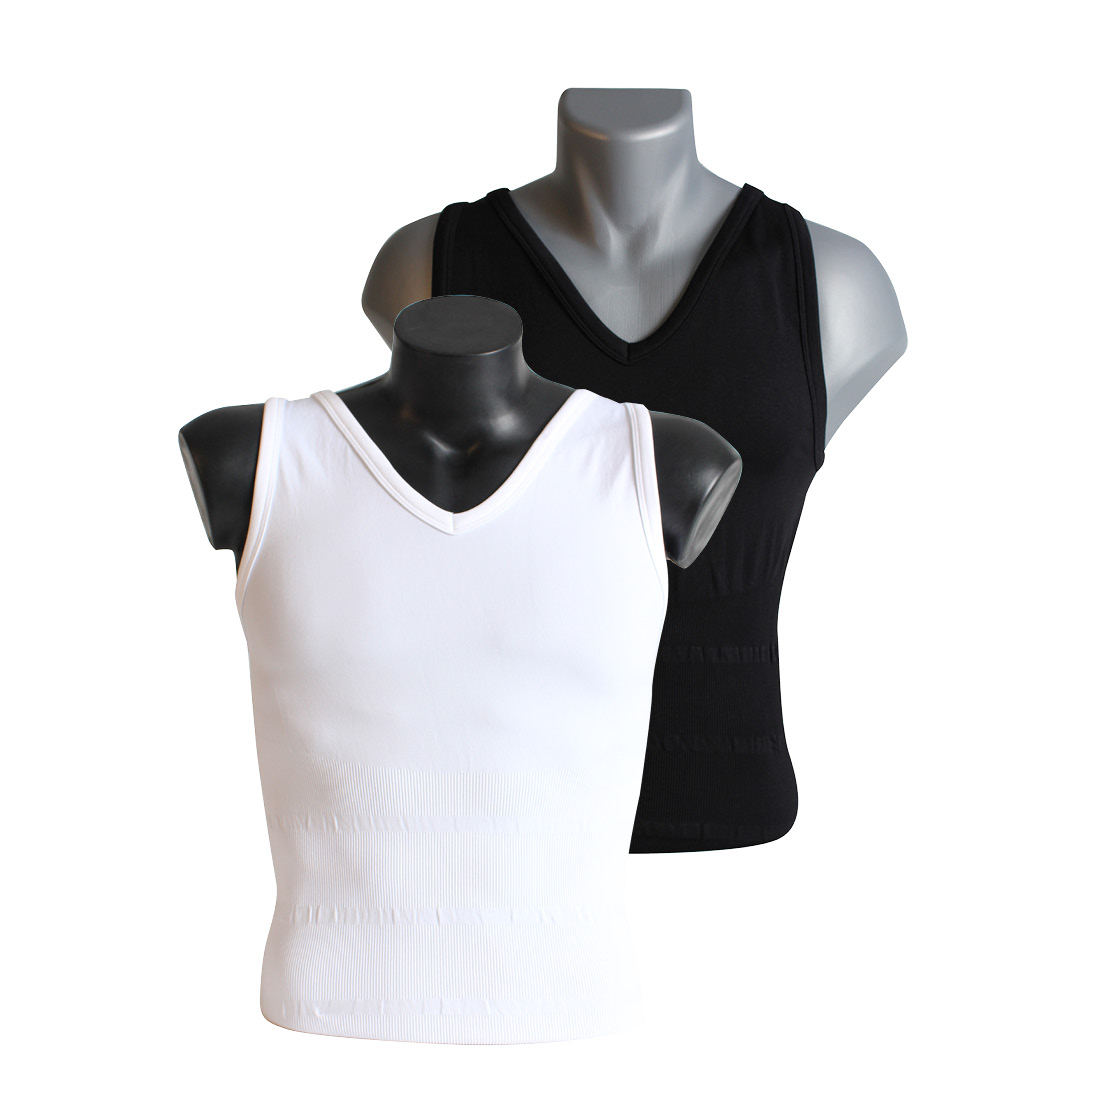 An image of Tone Tee White Vest XXXL